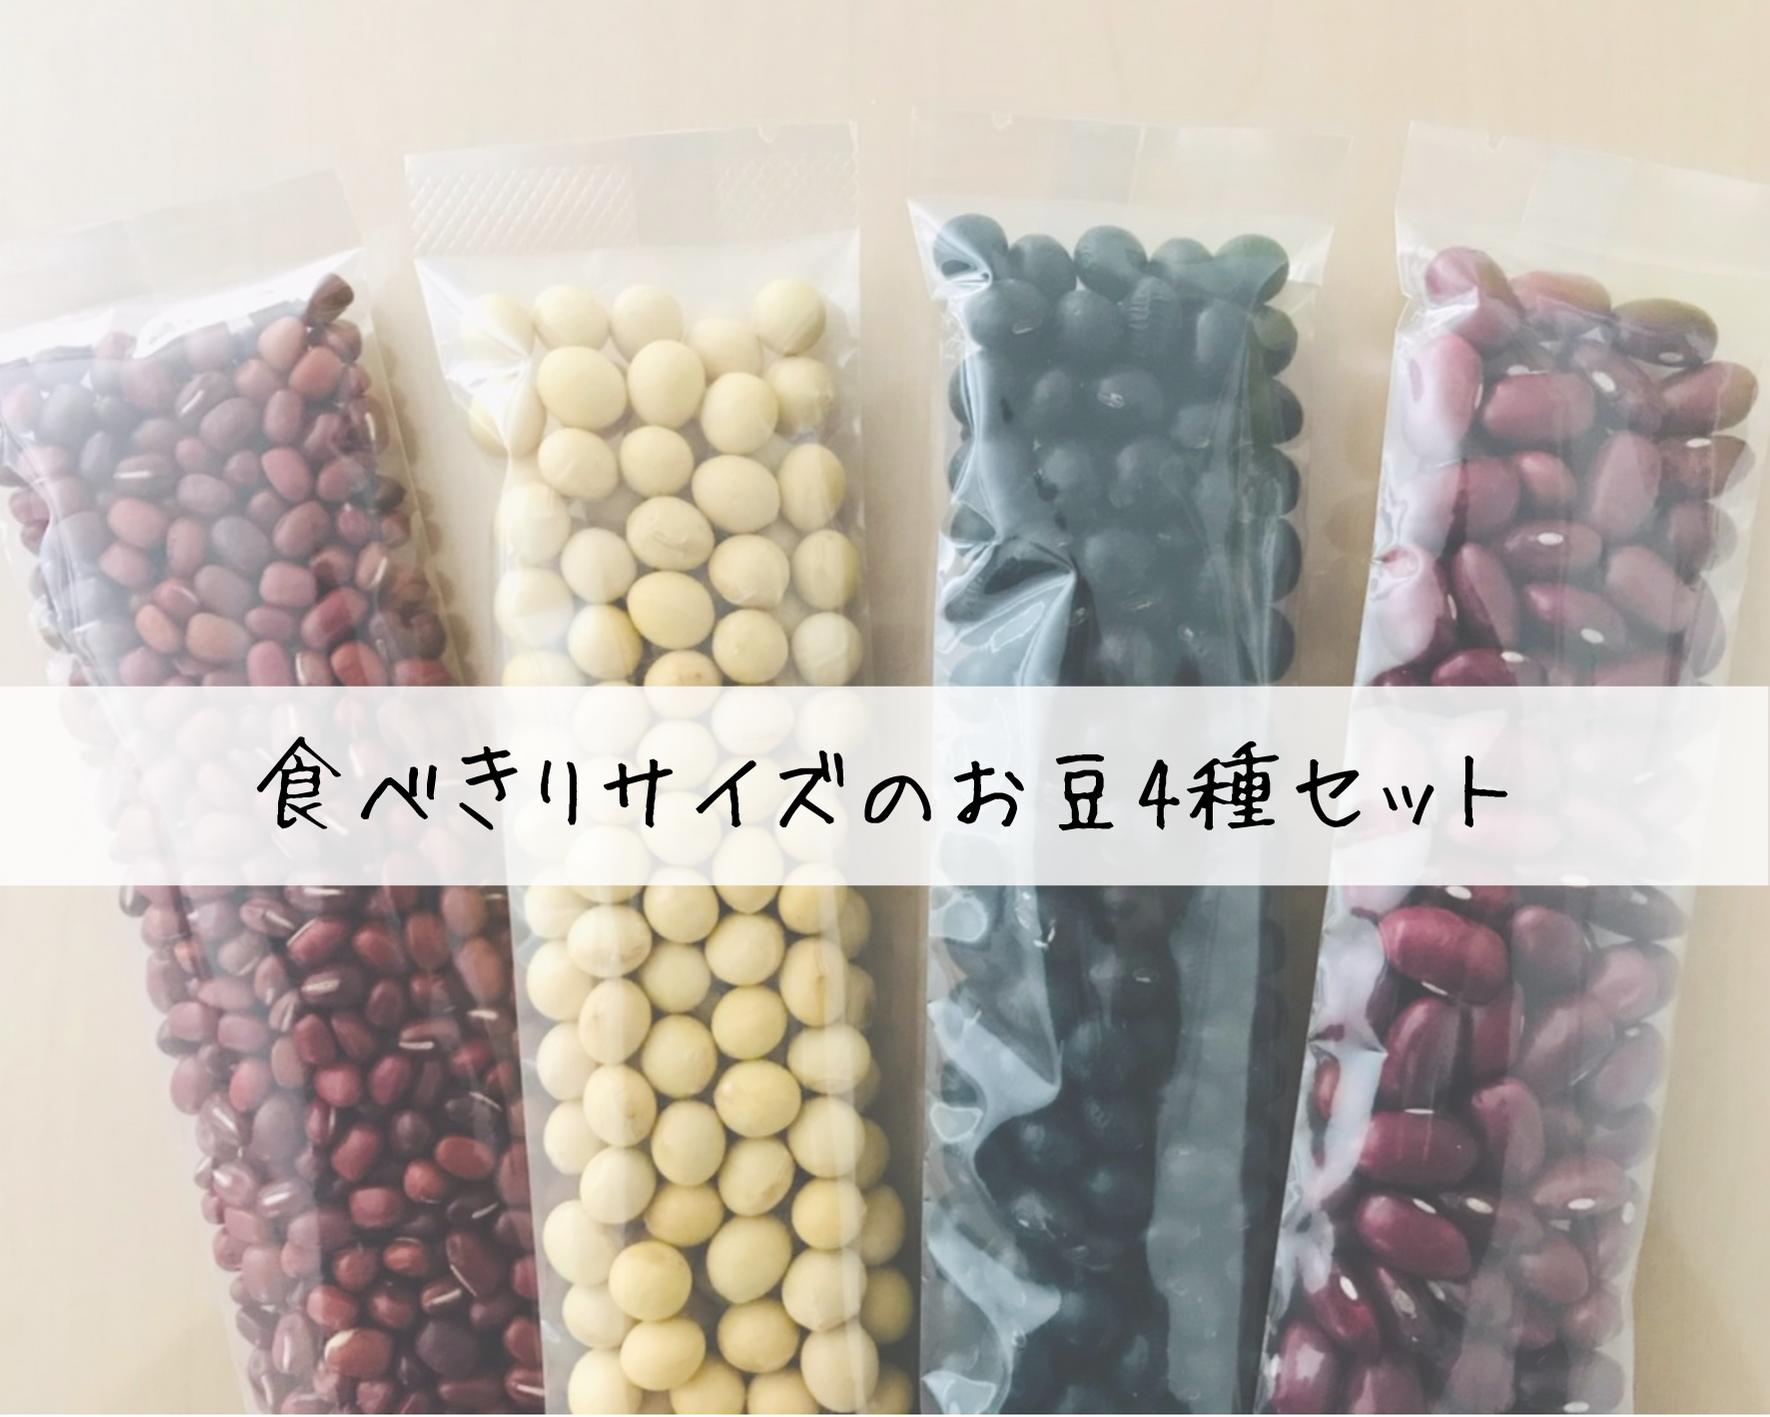 【ポストへ投函】食べきりサイズのお豆4種セット